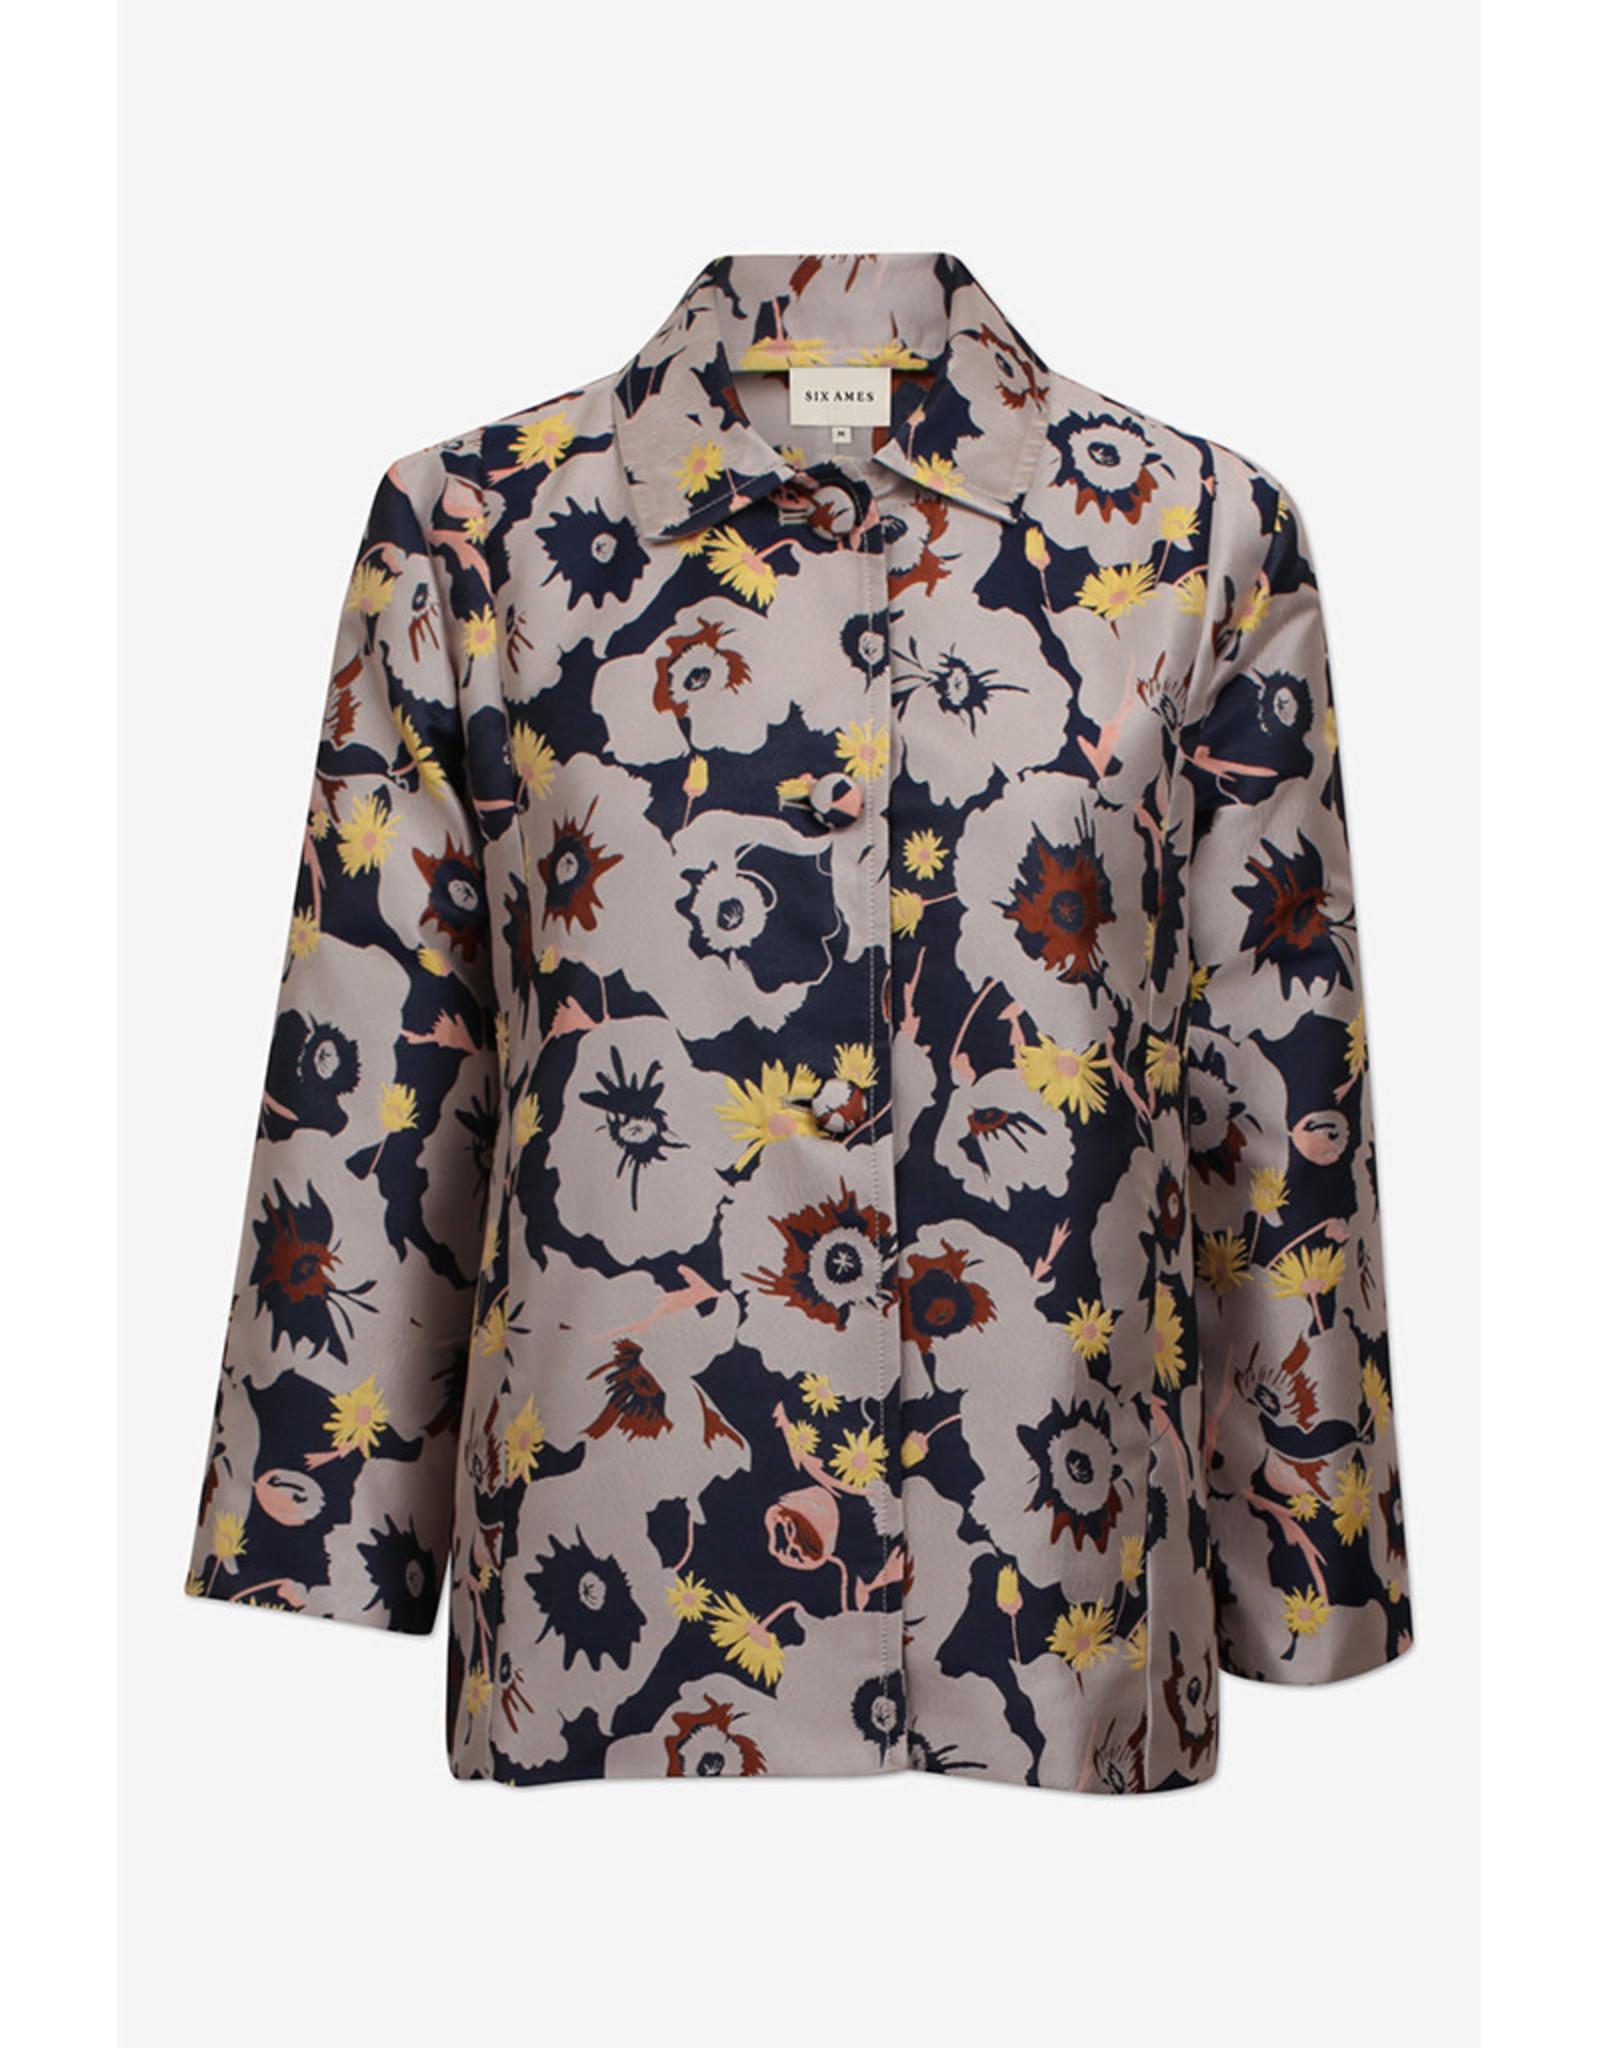 Six Ames GITHA Jacket